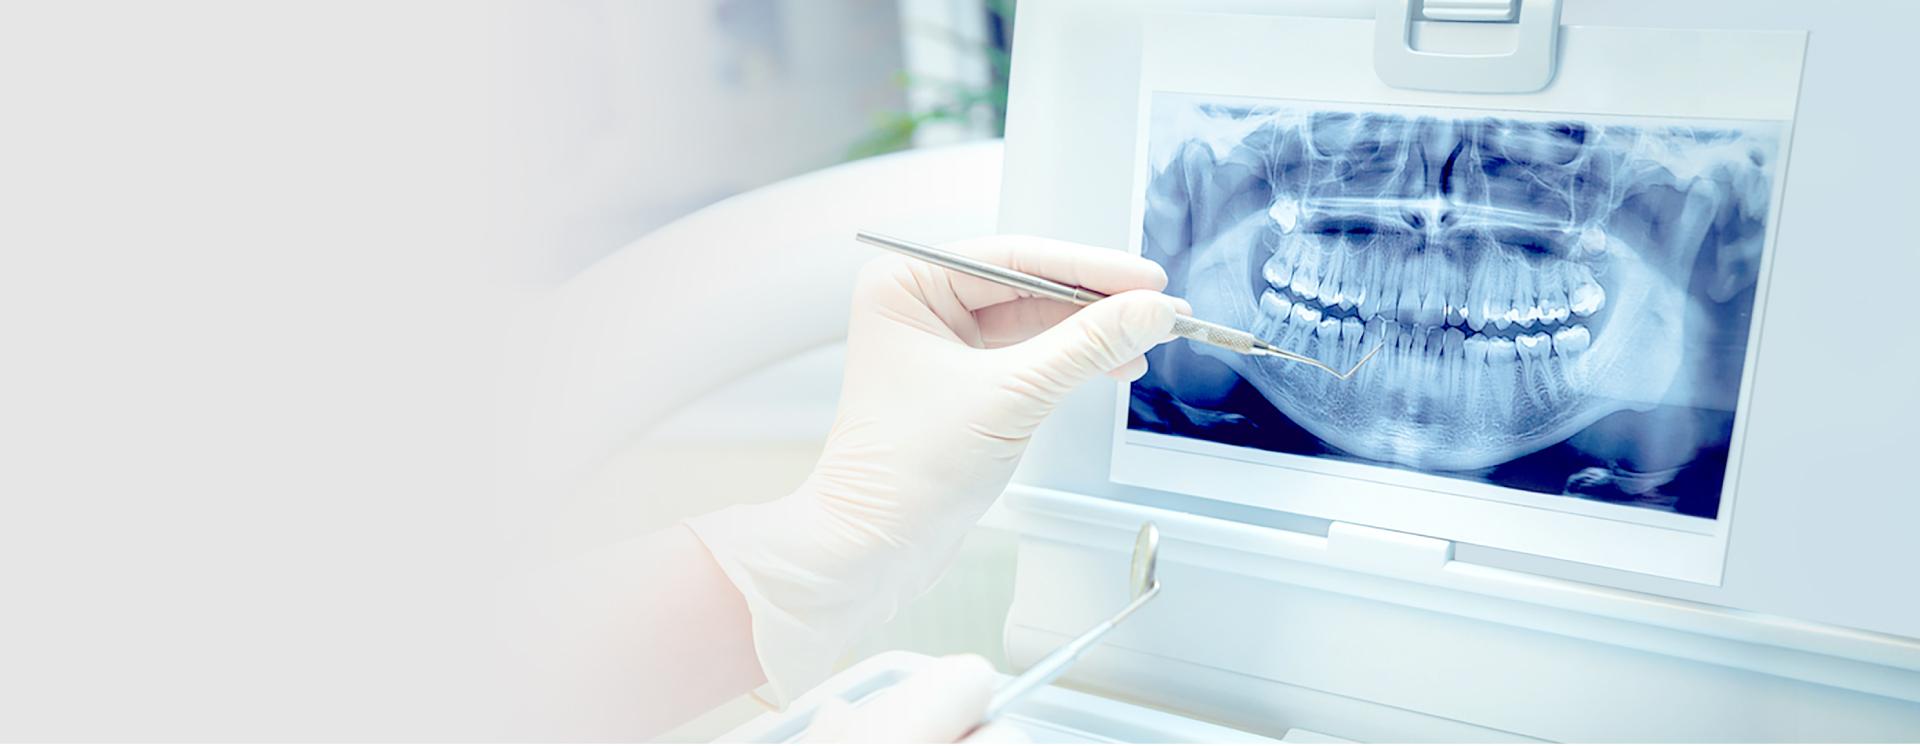 Giá làm răng ngắn lại bao nhiêu tiền tại Nha khoa KIM?